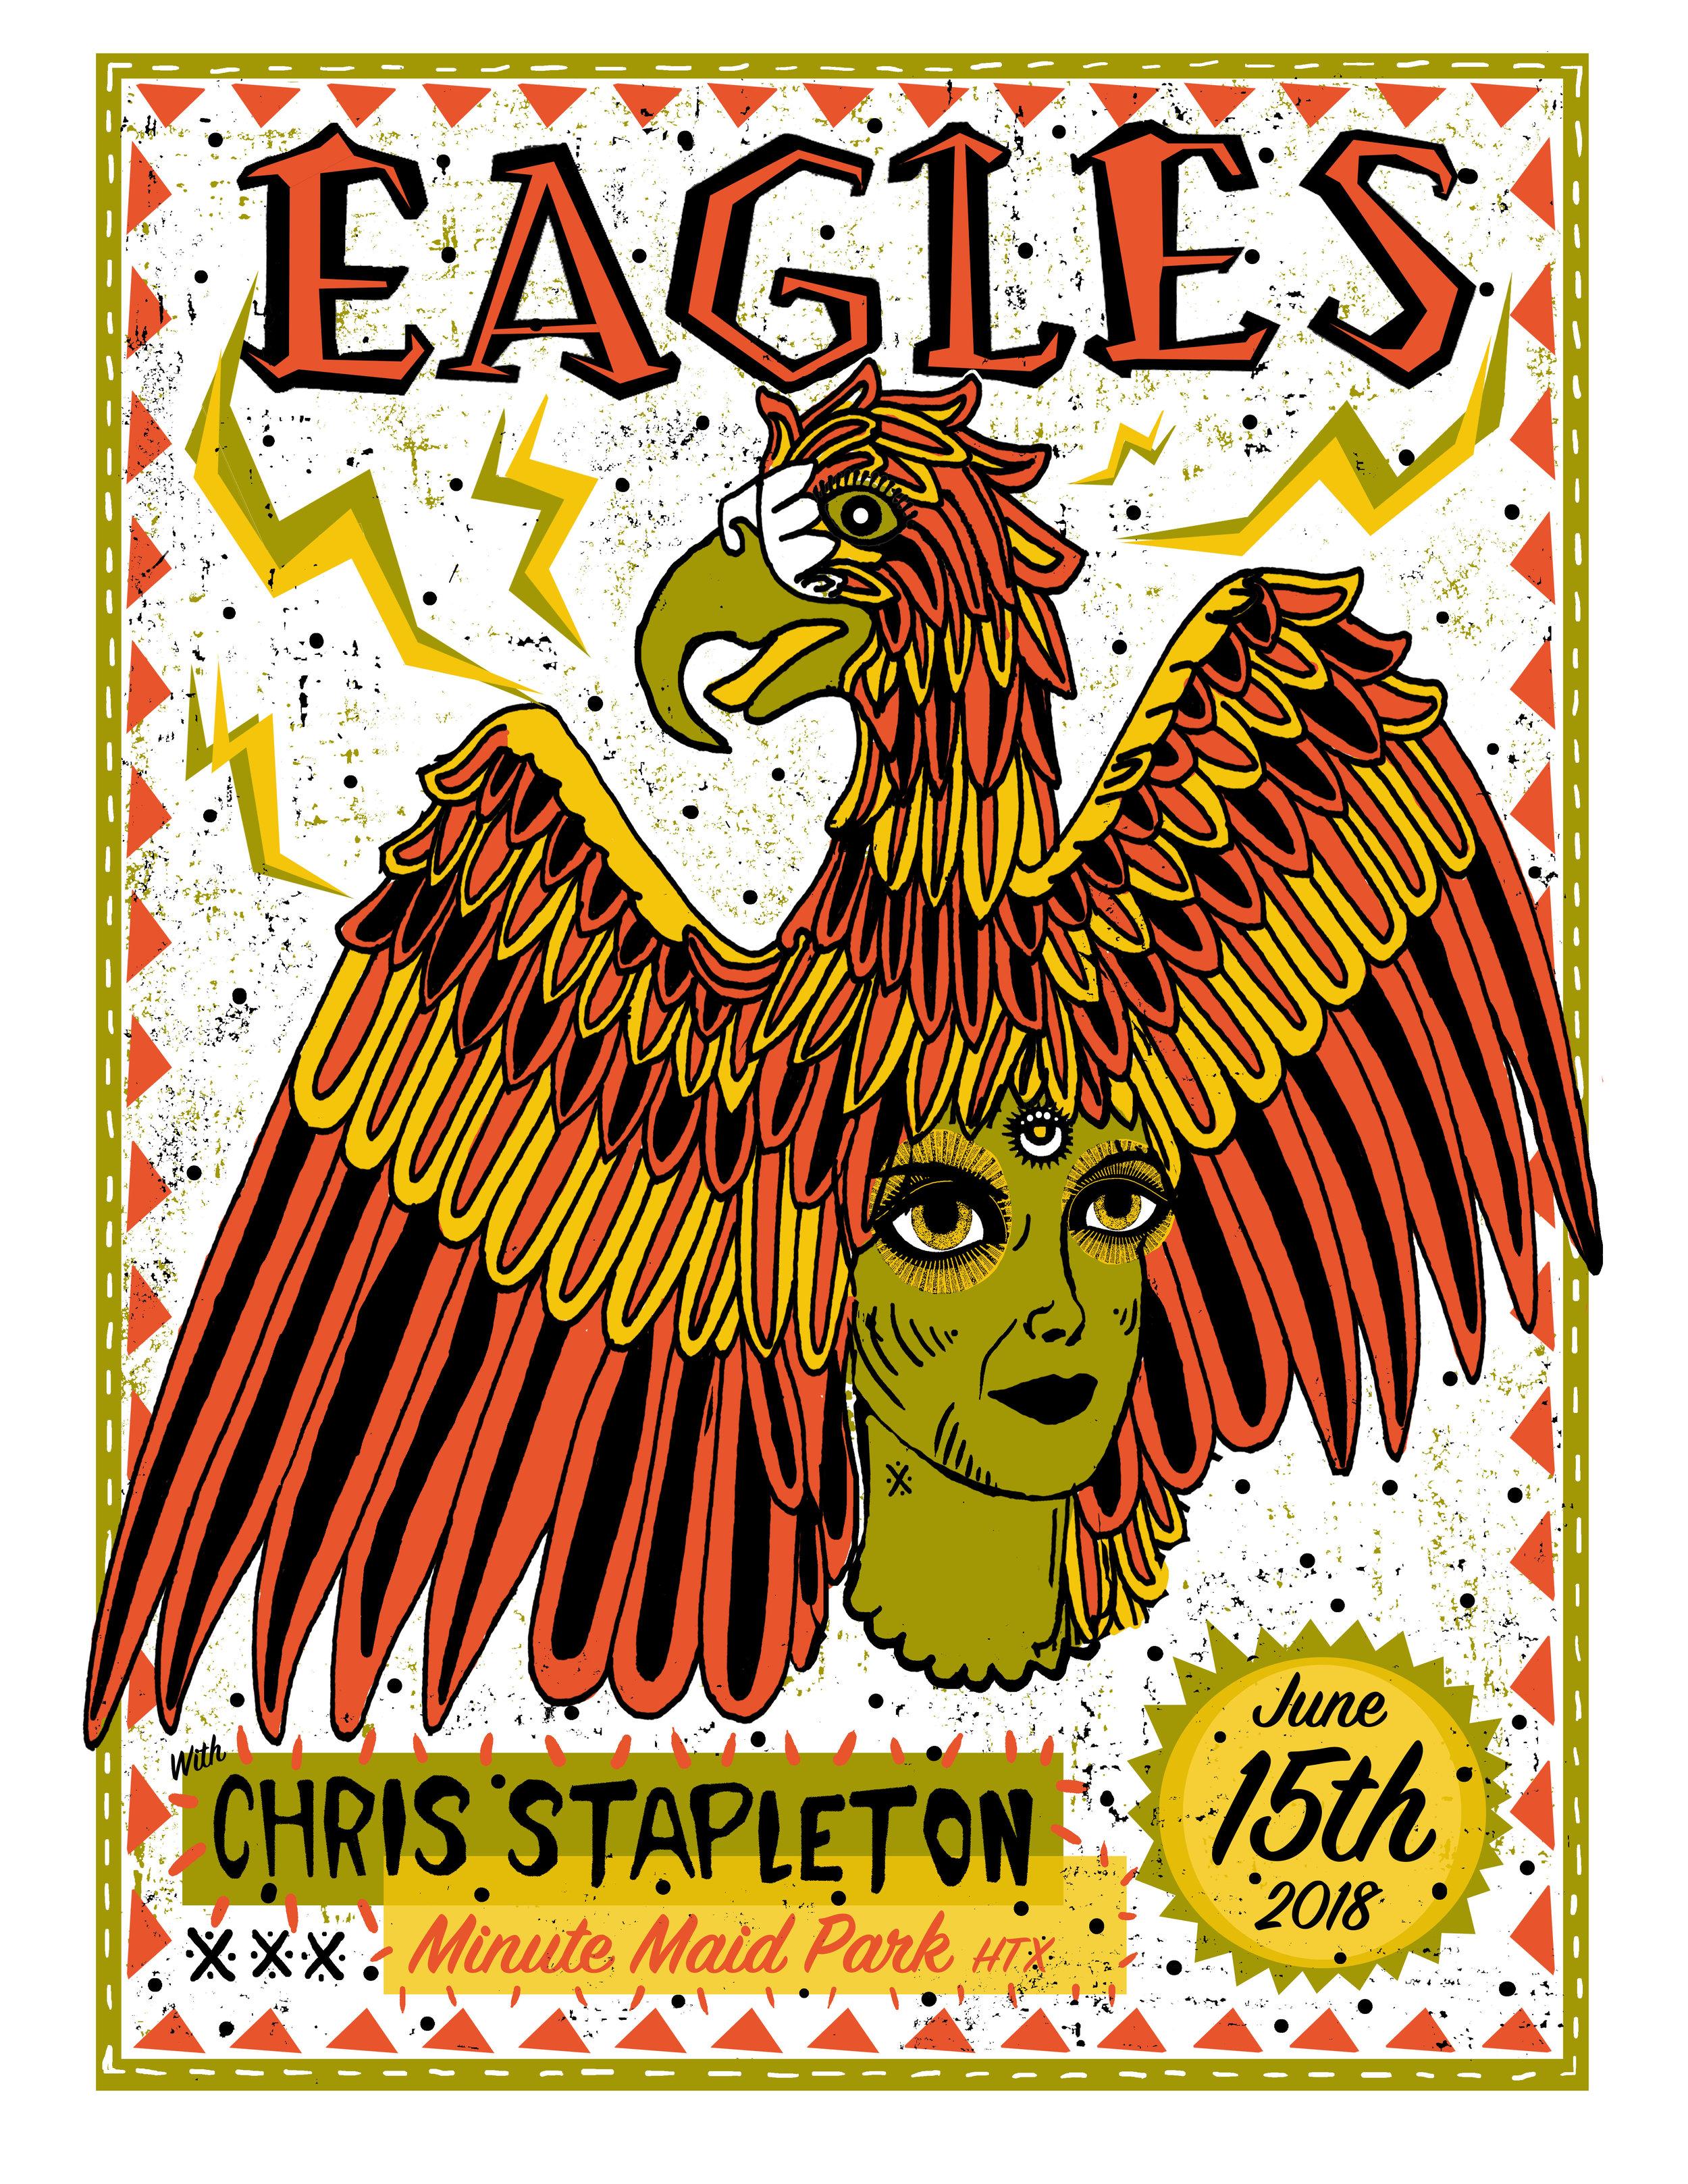 eaglesposter.jpg